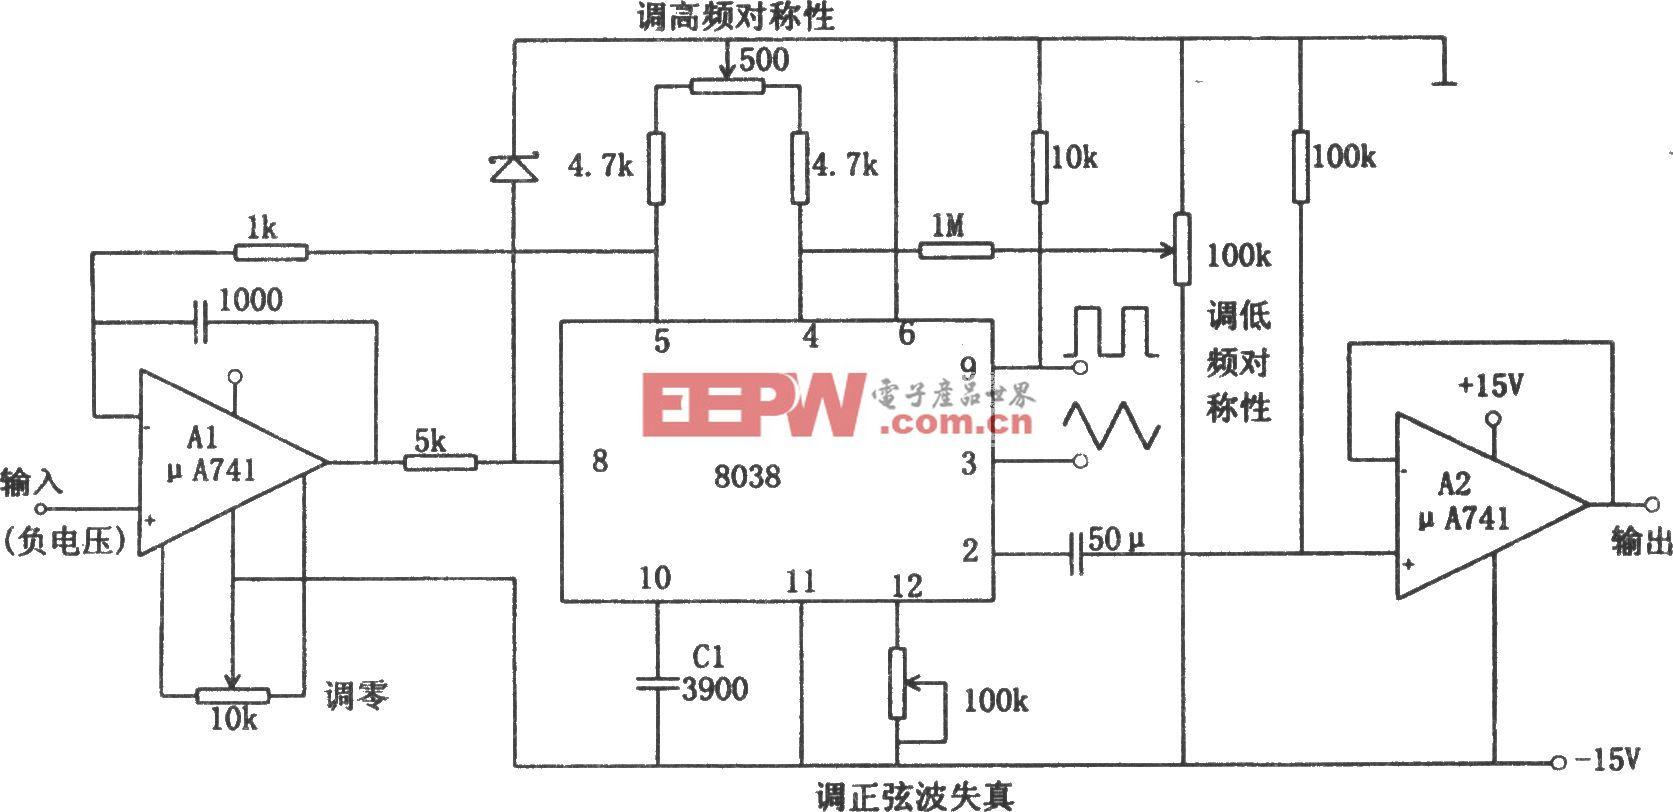 线性压控振荡器(8038、μA741)